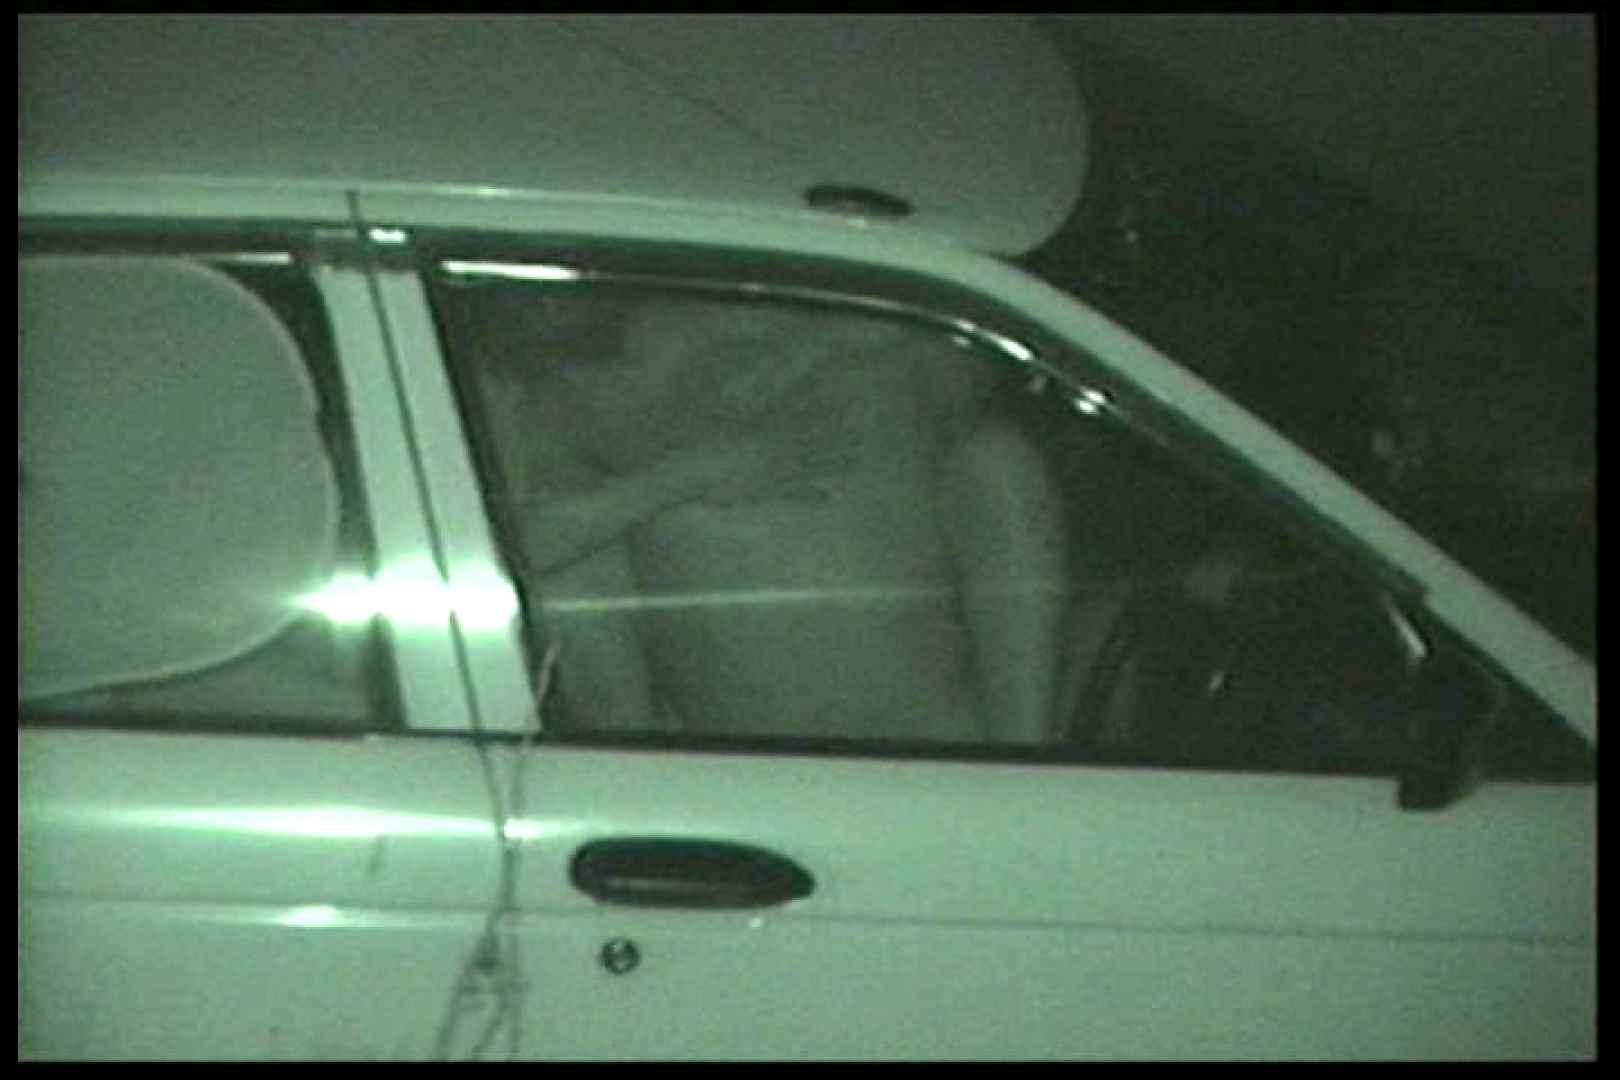 車の中はラブホテル 無修正版  Vol.15 OLの実態 覗きワレメ動画紹介 89pic 9